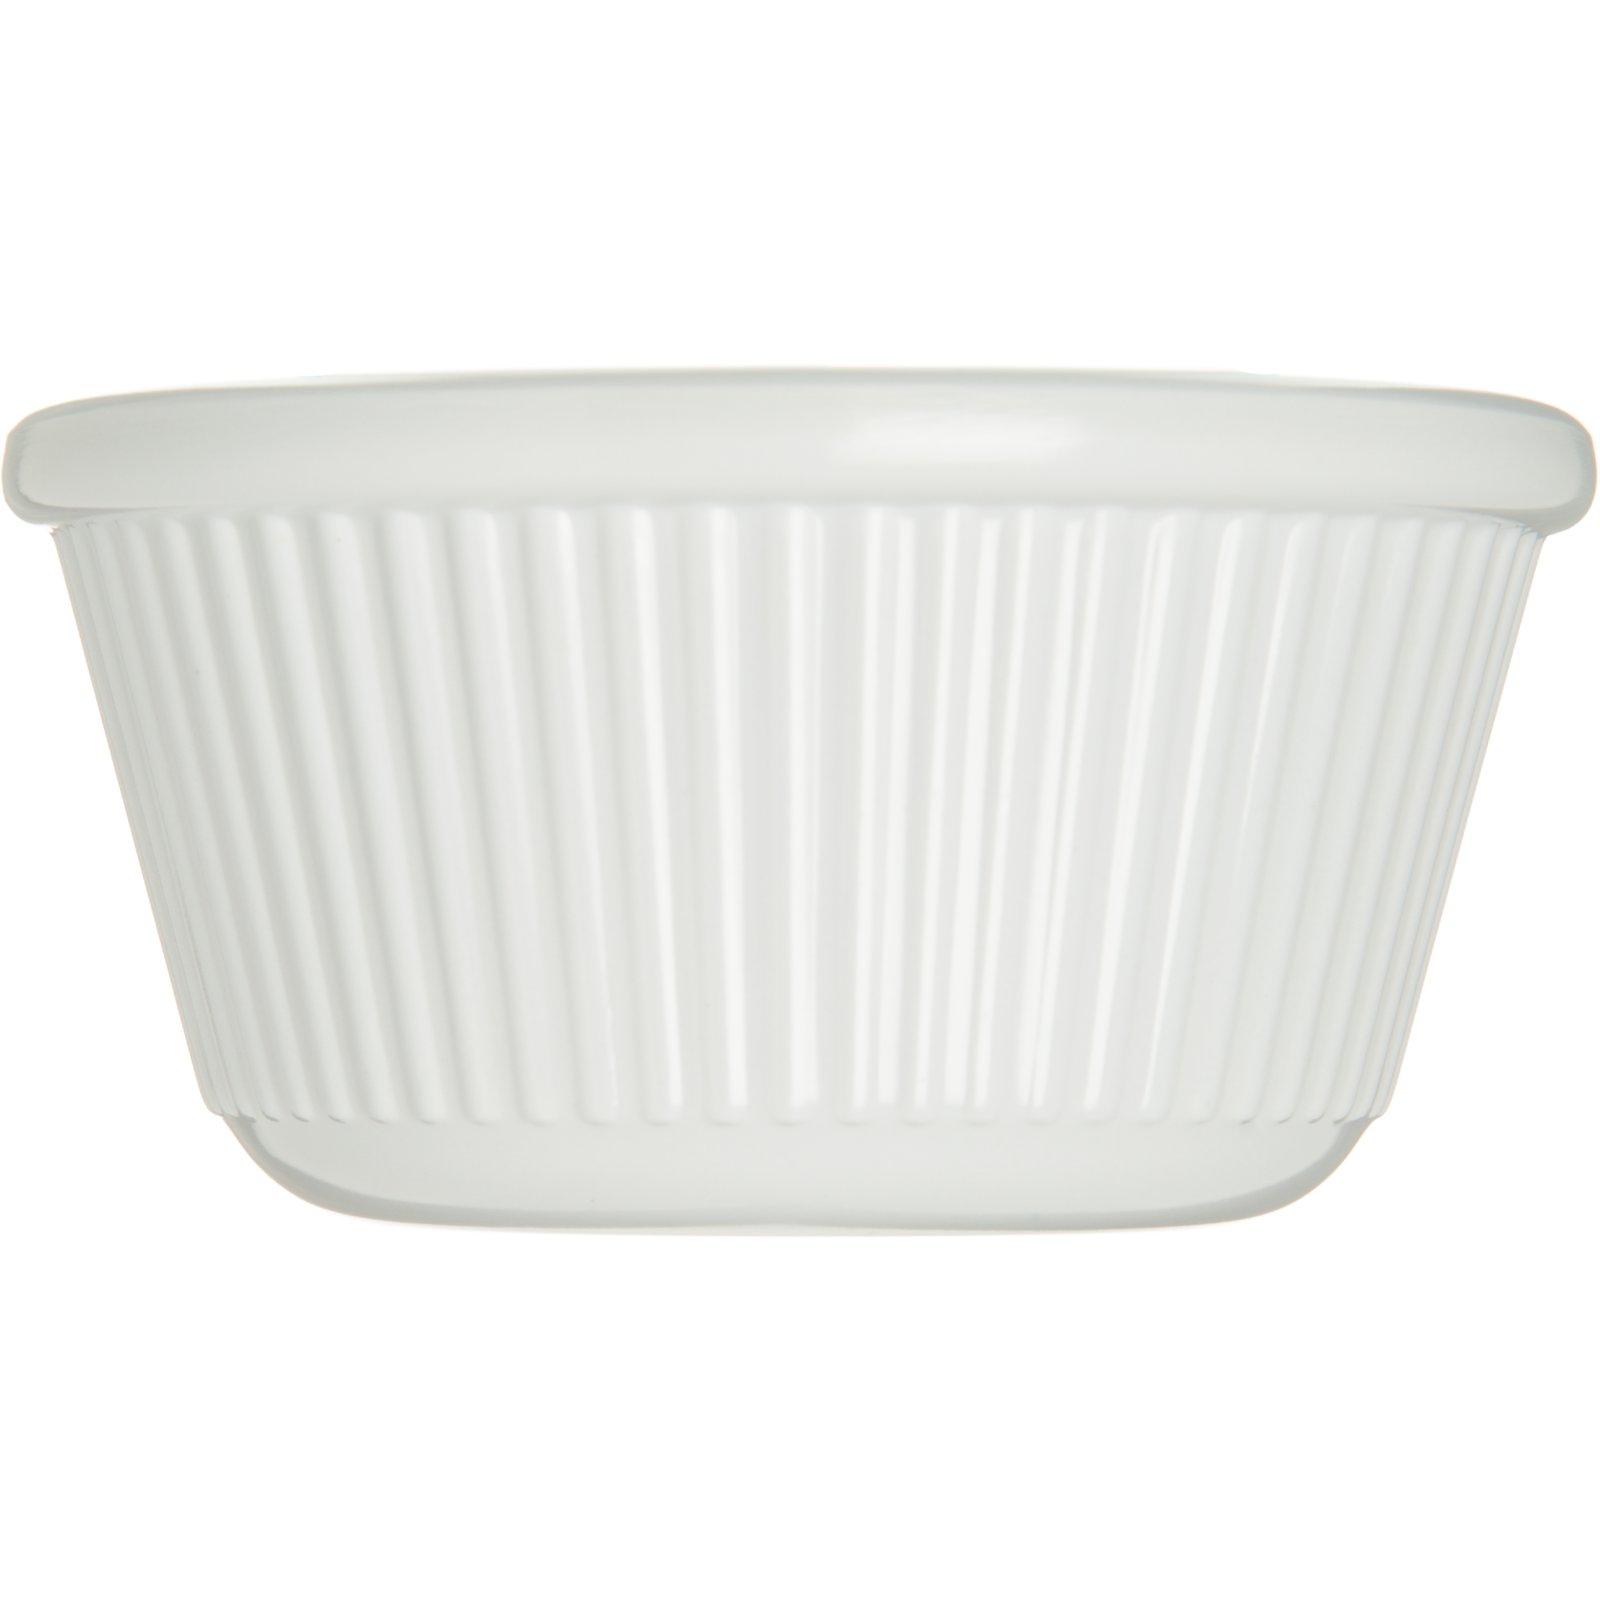 S28202 Melamine Fluted Ramekin 3 Oz White Carlisle Foodservice Products